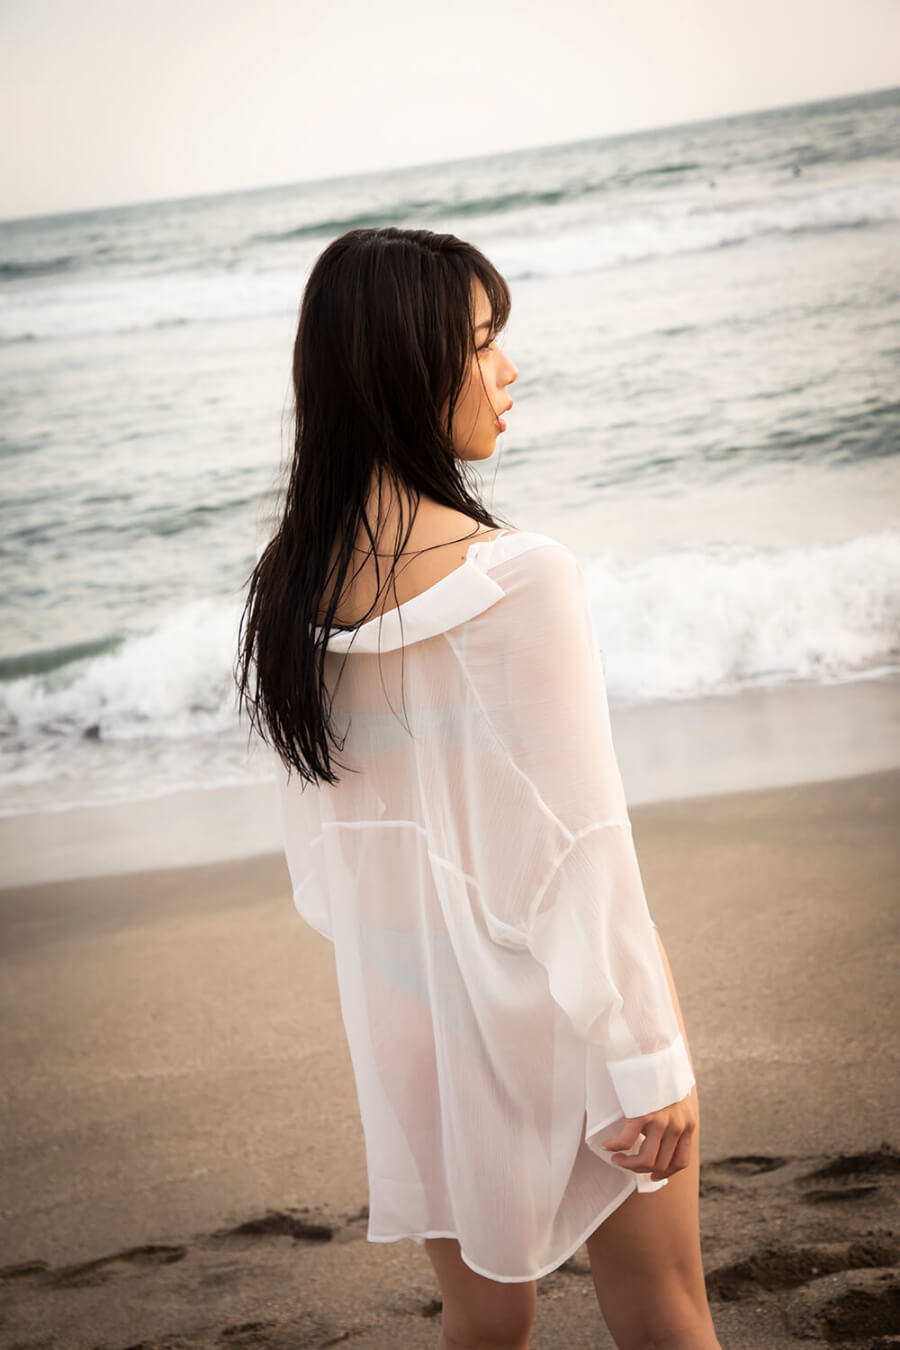 写真は砂浜に立つ鈴木さん(C)KADOKAWA  (C) officepocket   PHOTO/TANAKA TOMOHISA